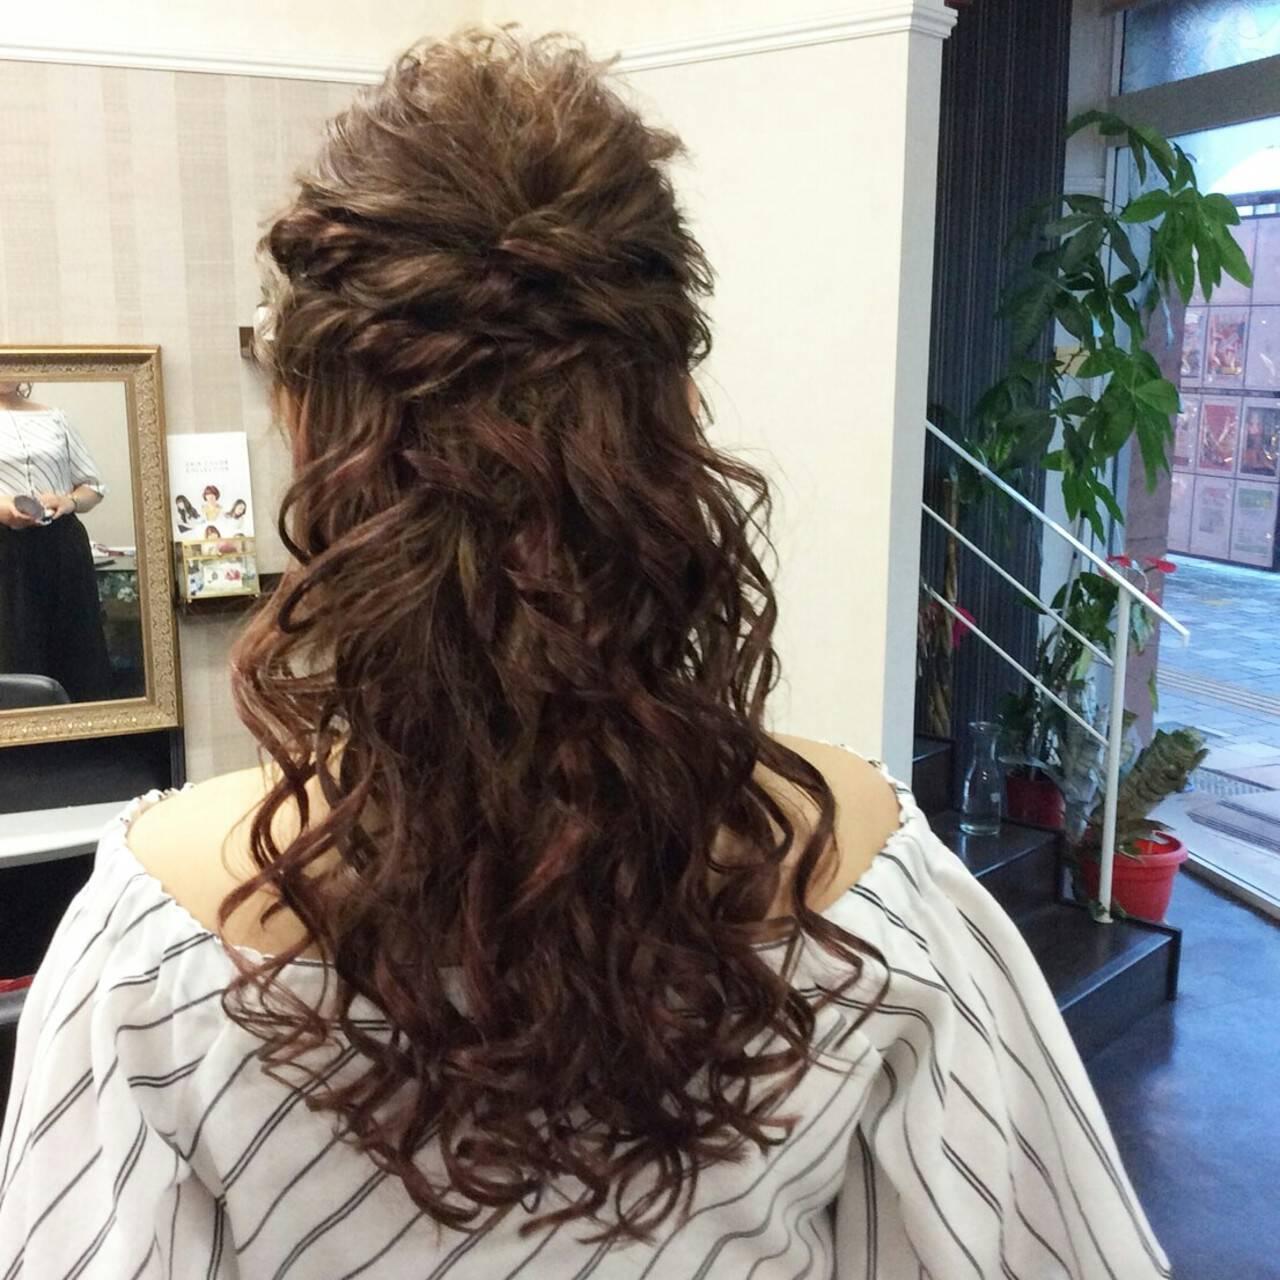 ポンパドール ナチュラル セミロング 編み込みヘアスタイルや髪型の写真・画像